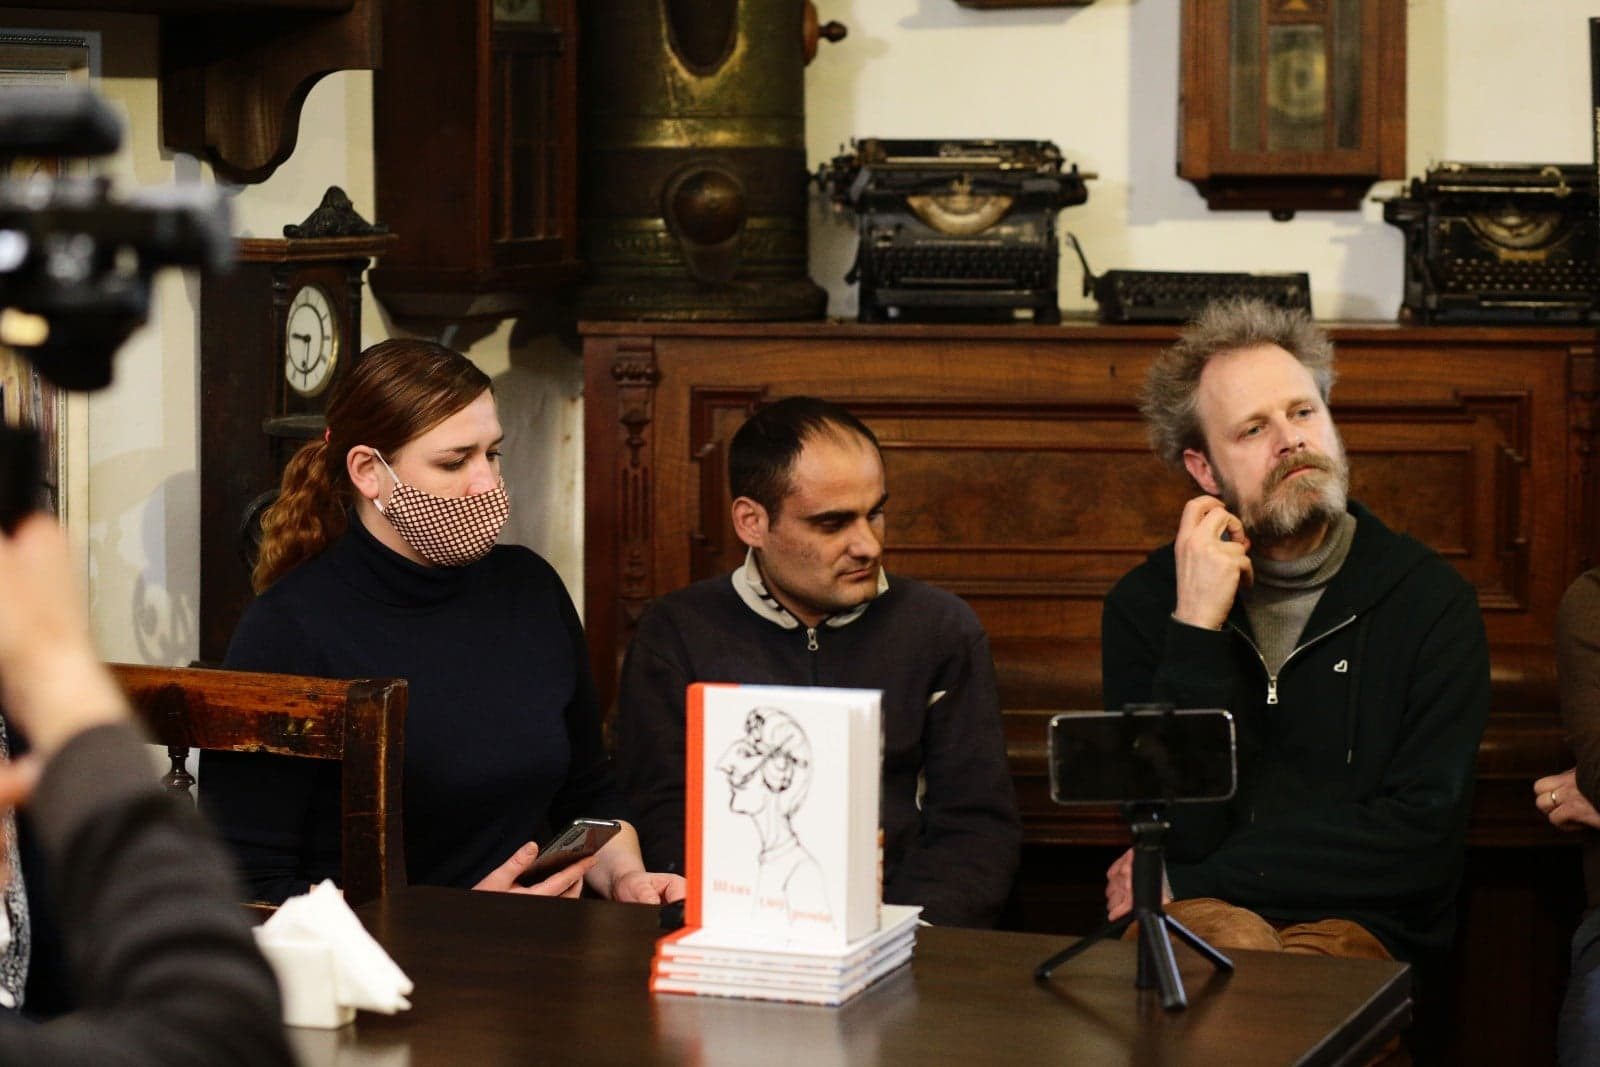 Андрій Любка, Банди Шолтес та Микола Бурмек-Дюрі написали тексти для антології про ромів.